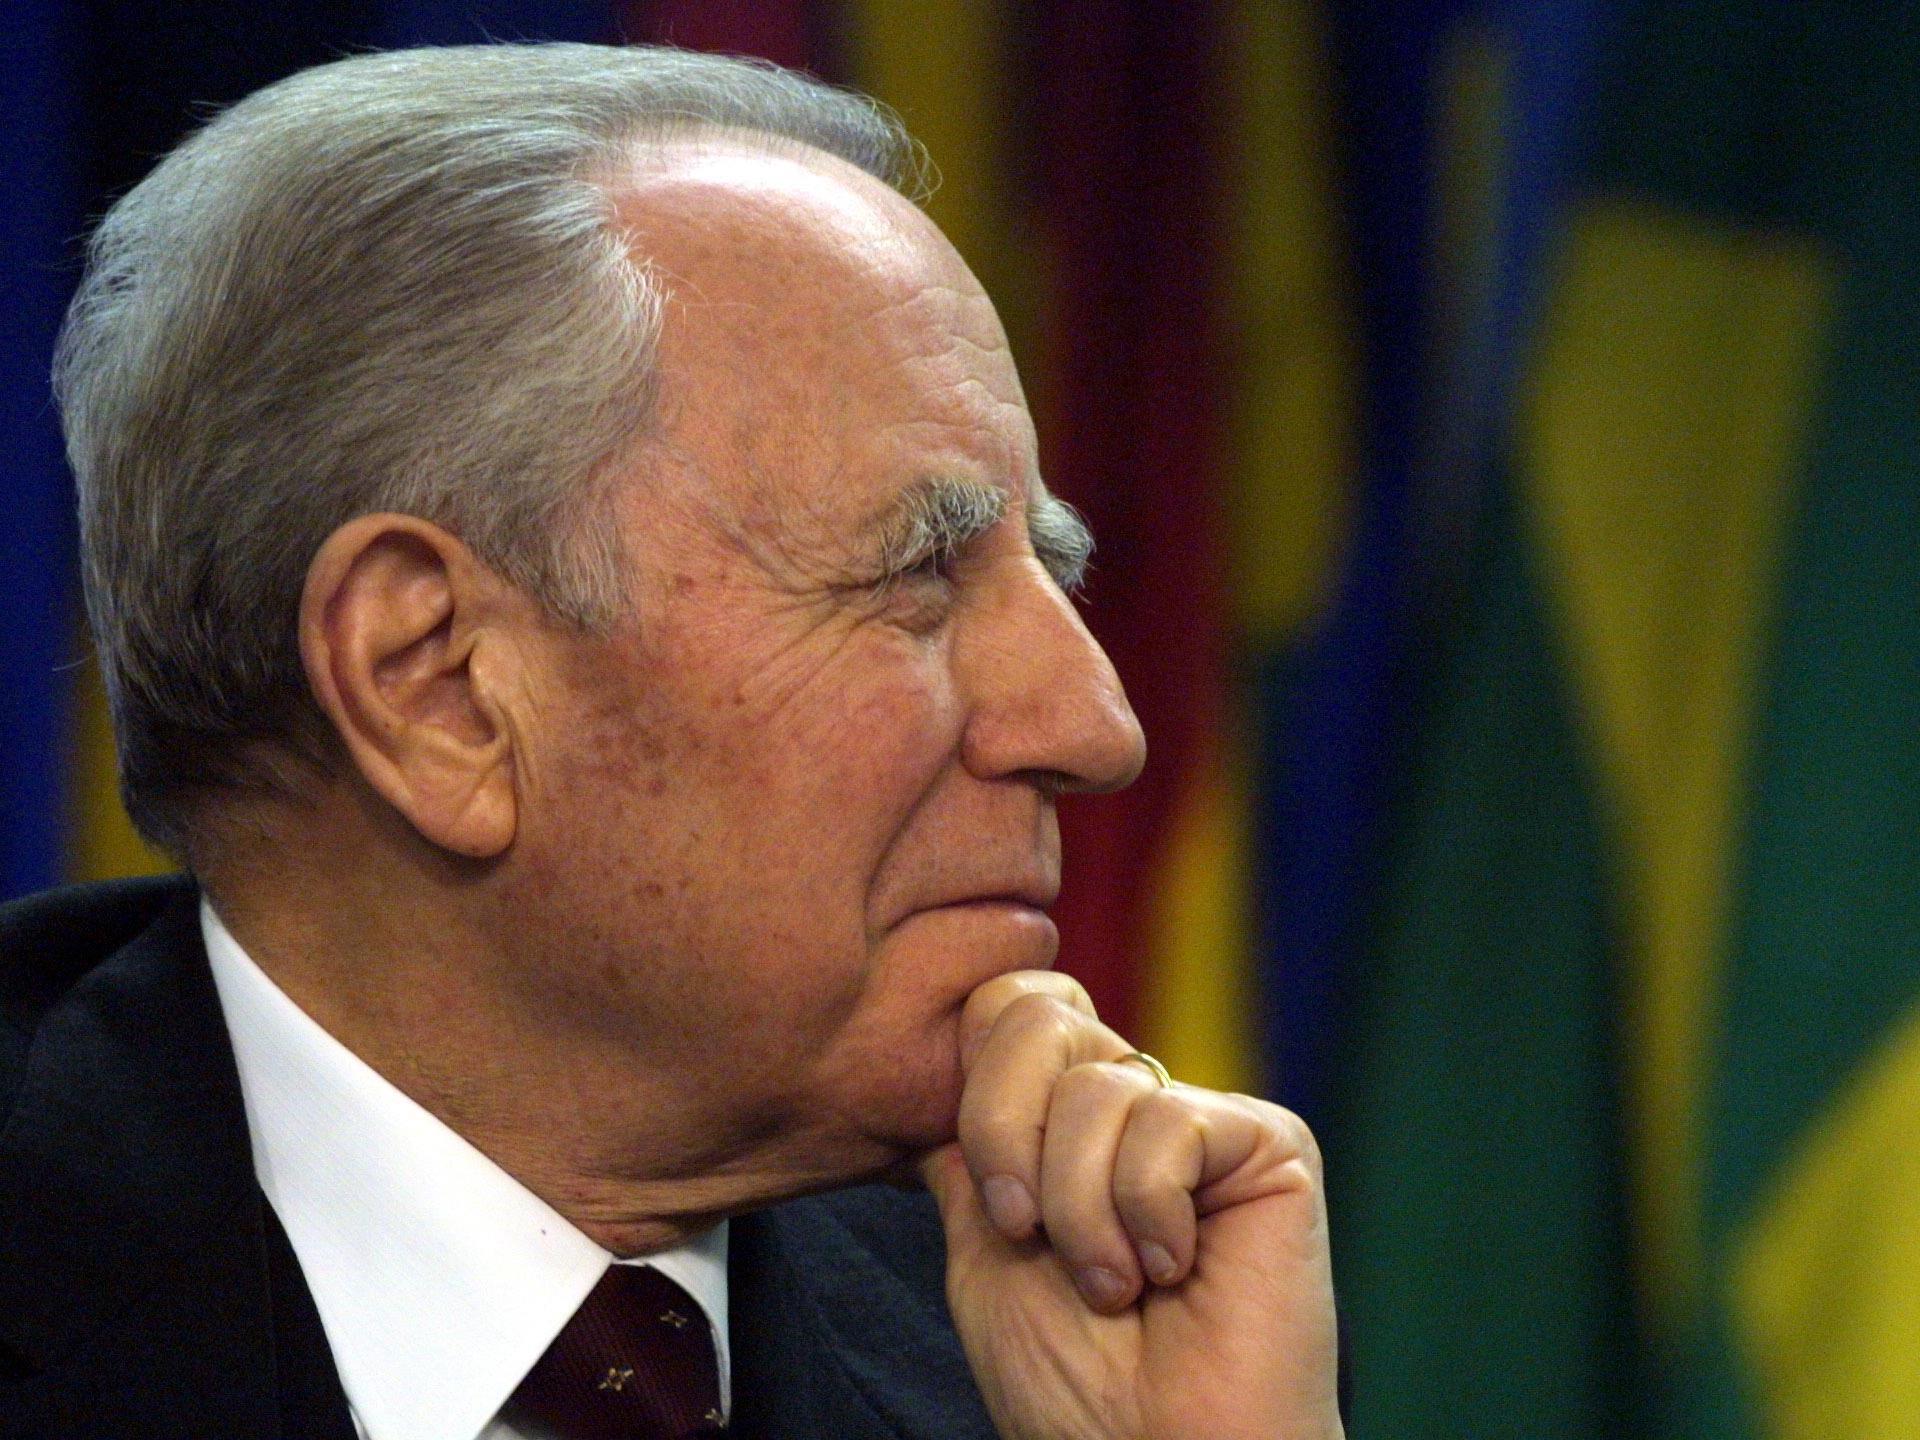 Carlo Azeglio Ciampi war zwischen 1999 und 2006 Italiens Staatschef.